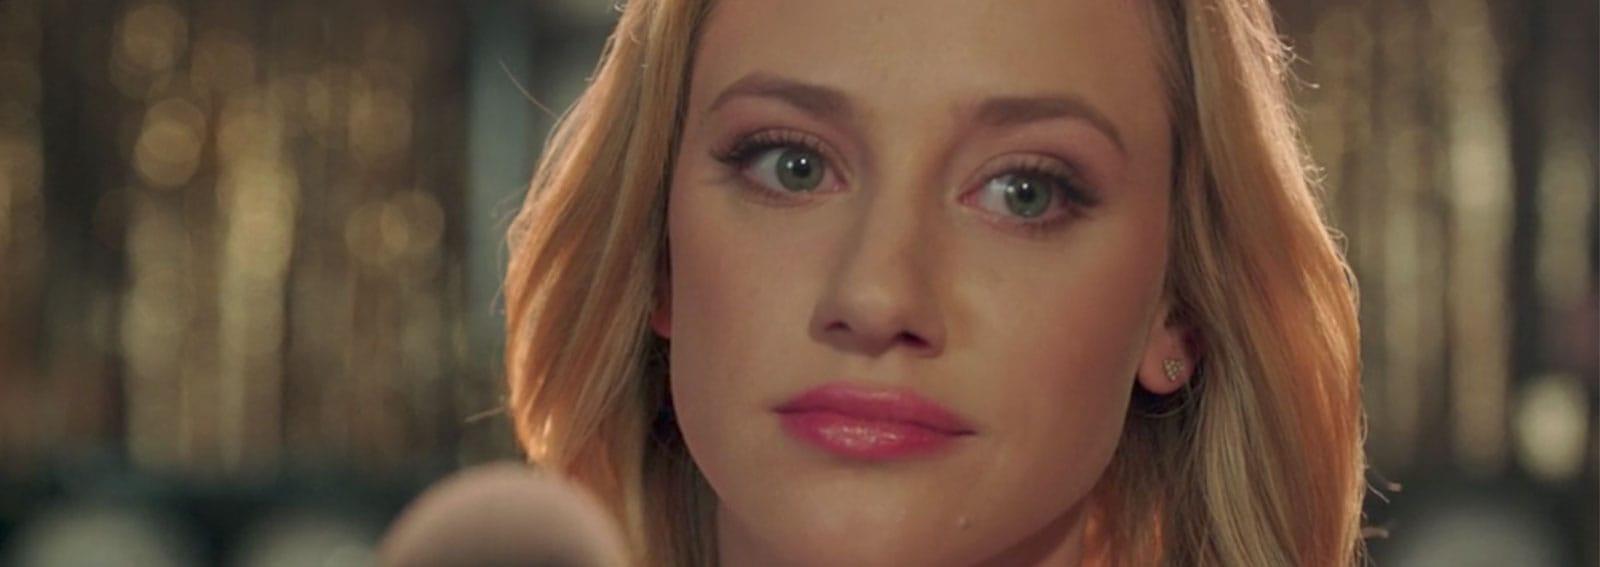 lily-reinhart-make-up-desktop